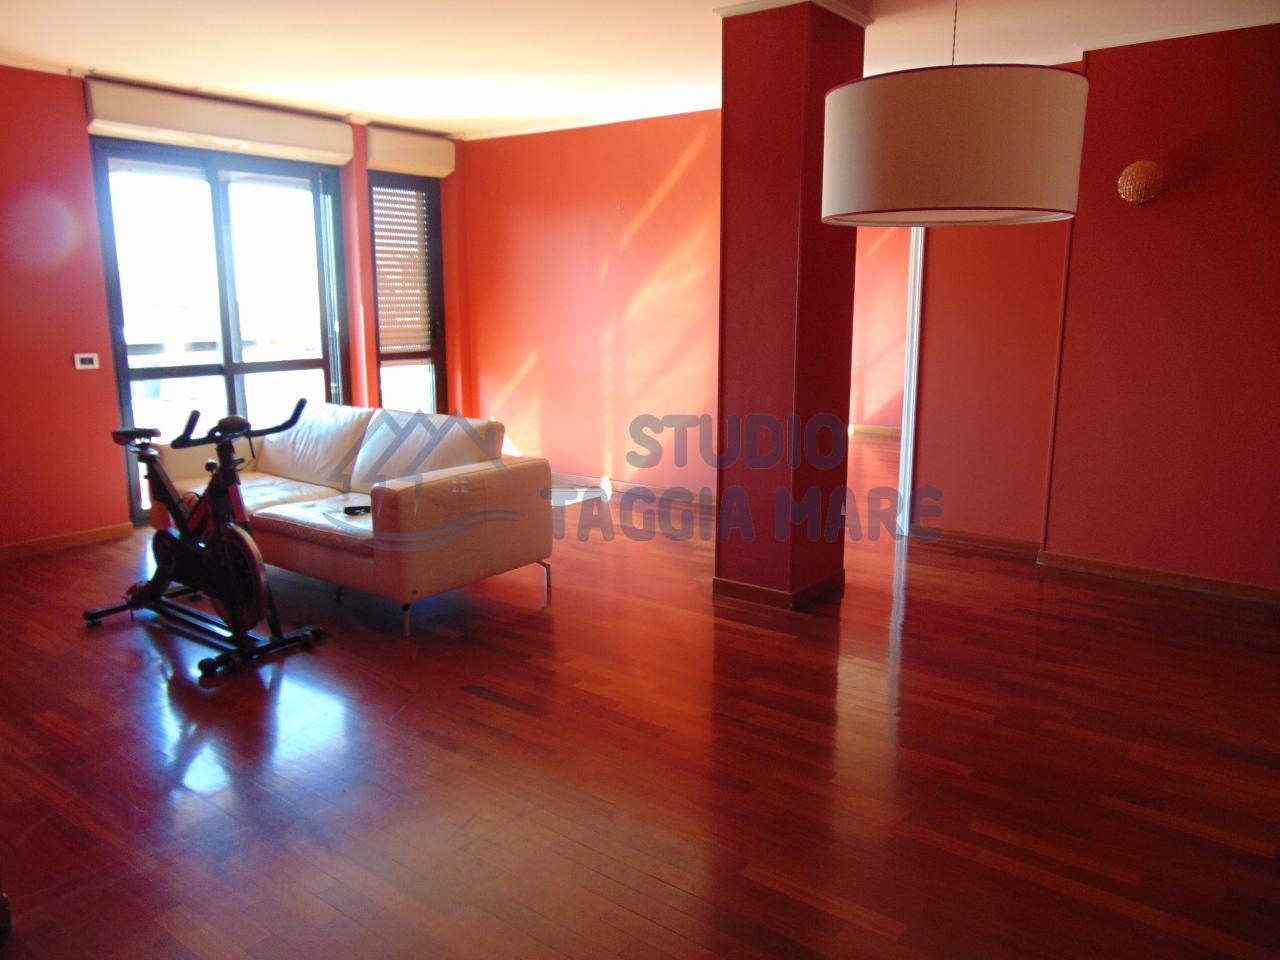 Attico / Mansarda in vendita a Taggia, 5 locali, Trattative riservate | Cambio Casa.it